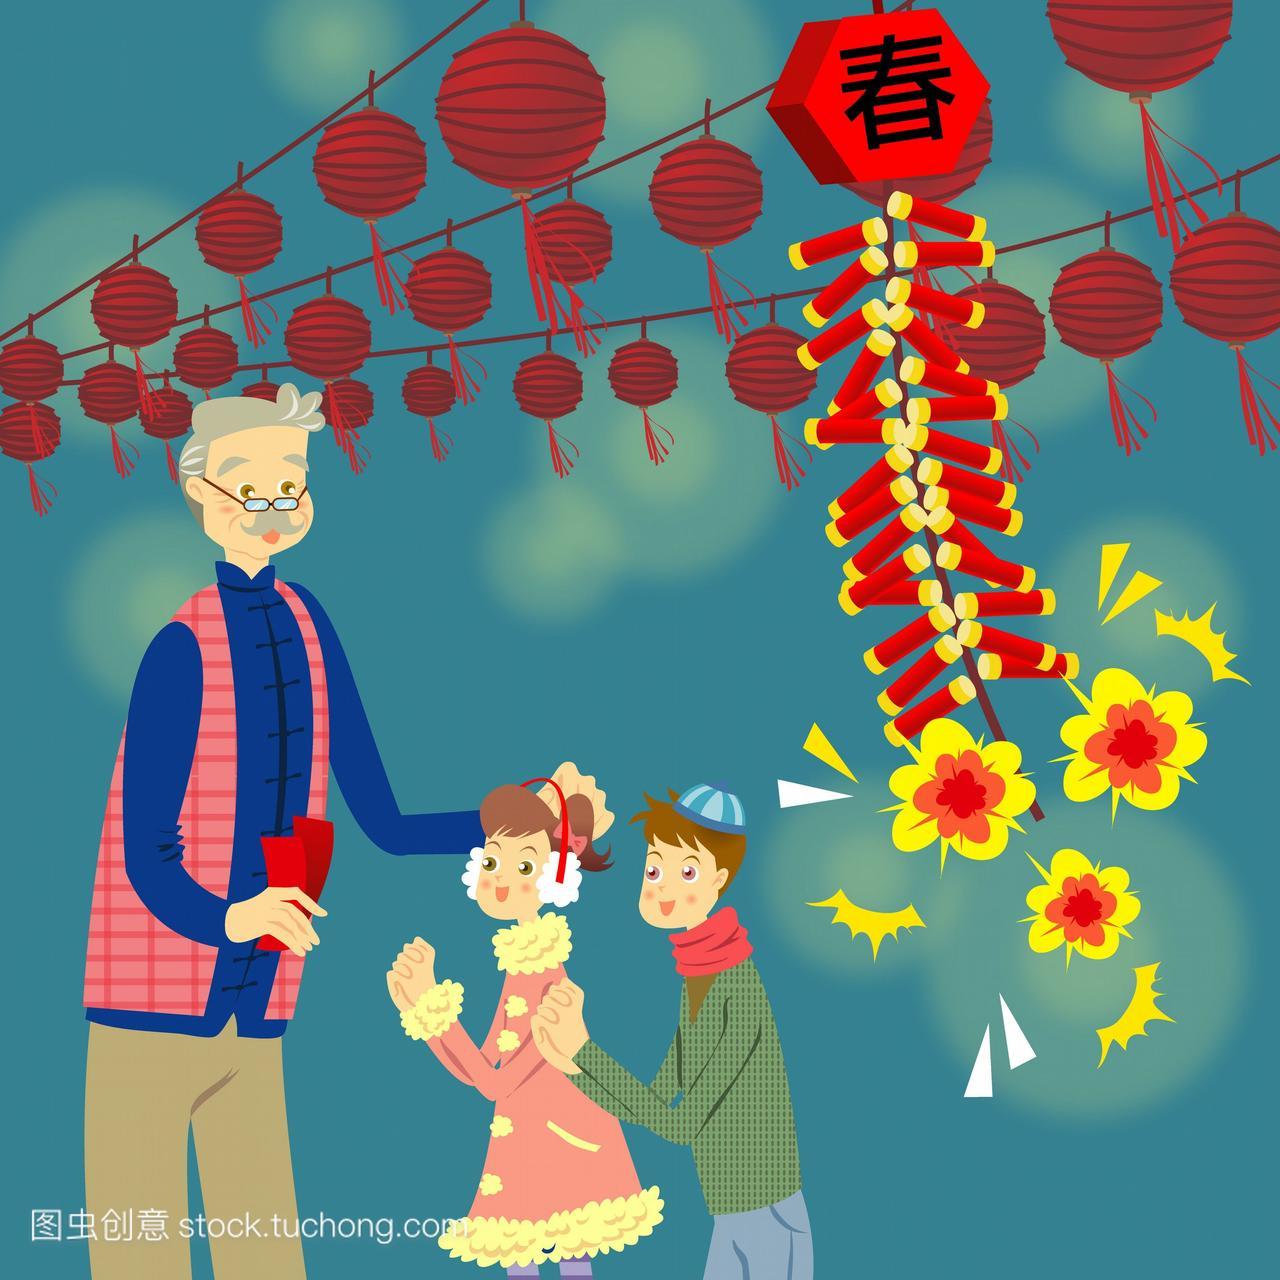 彩色,插画,插图,计算机绘图,黄种人,多彩,亚洲人